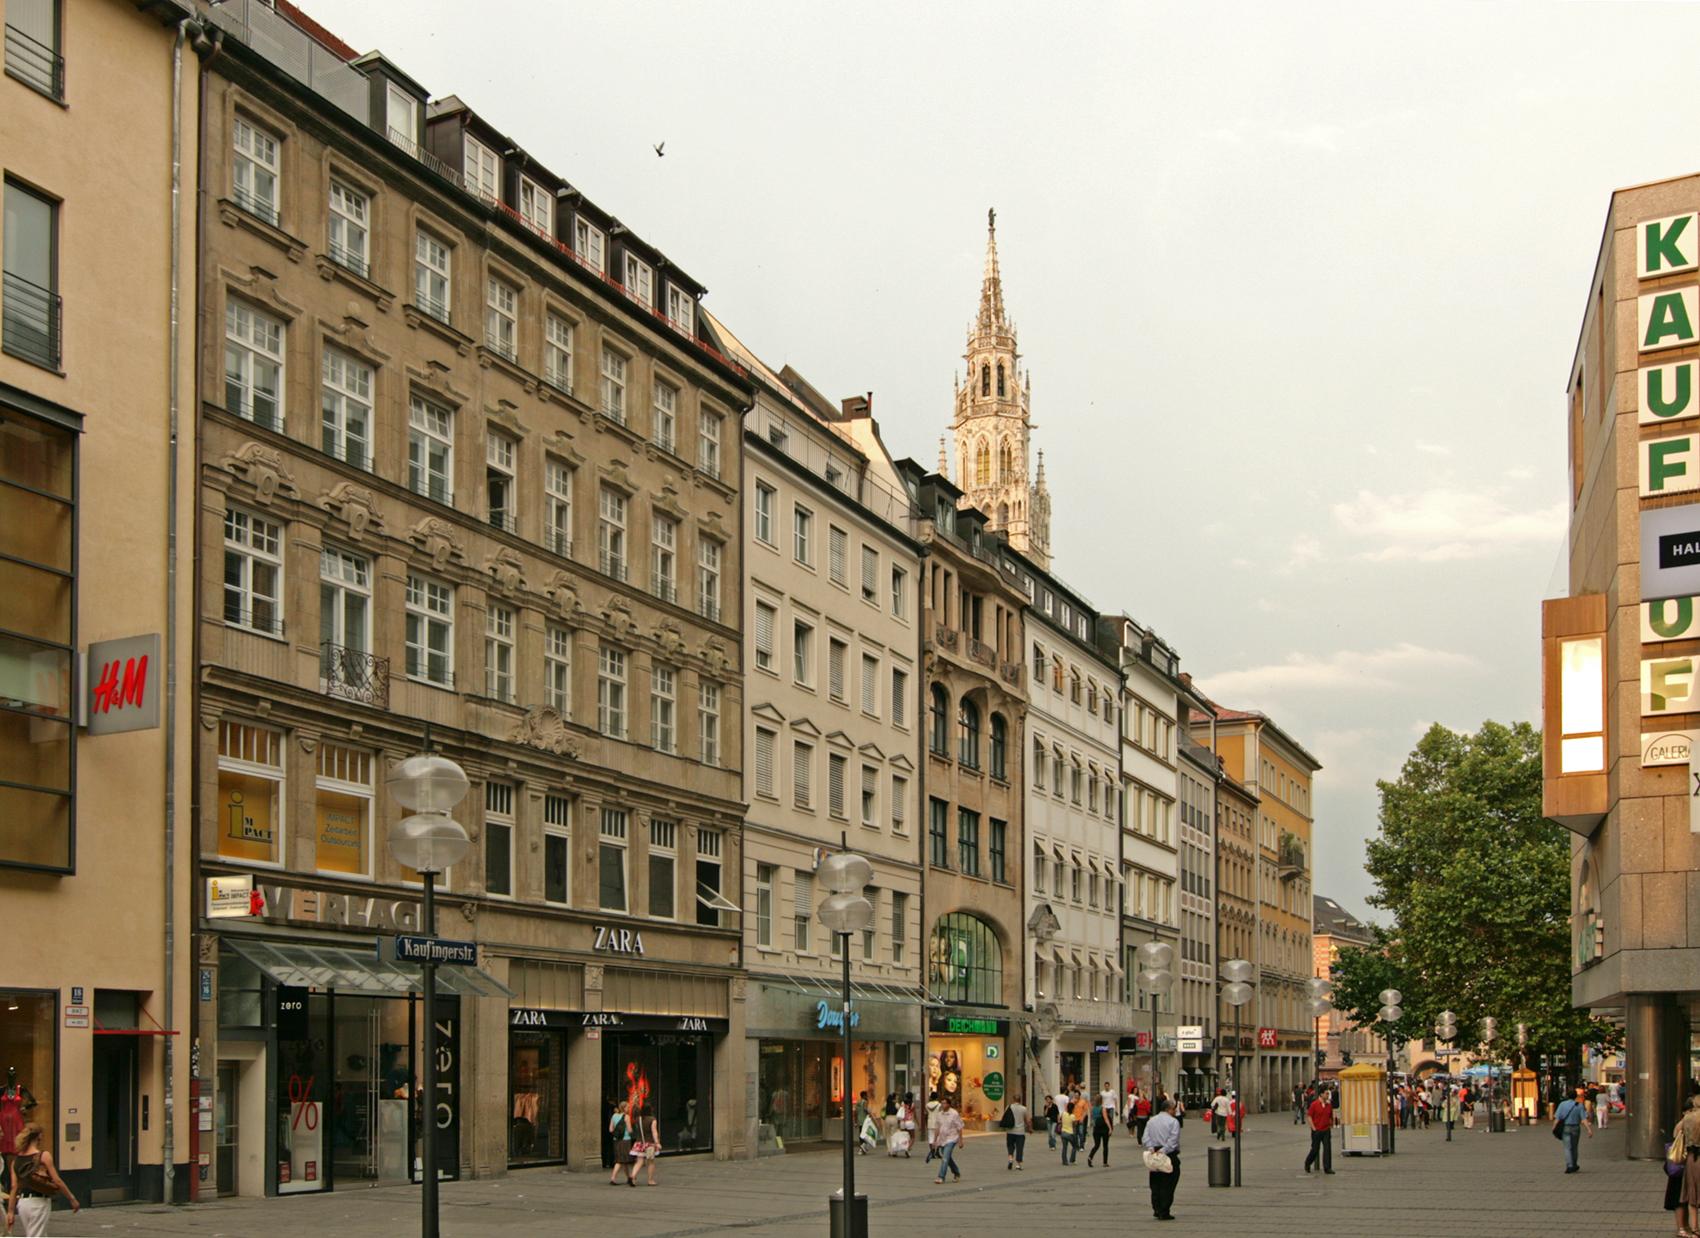 Die Kaufingerstraße ist eine bekannte Einkaufsstraße in München